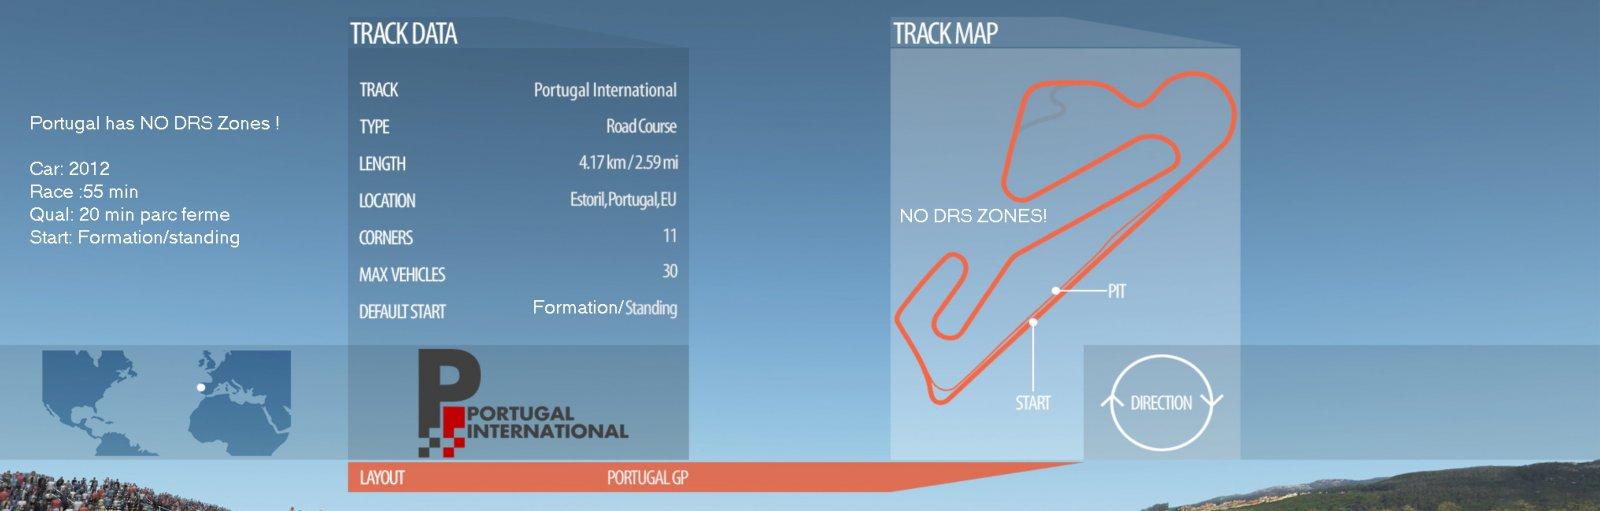 DTM R5 track map.jpg